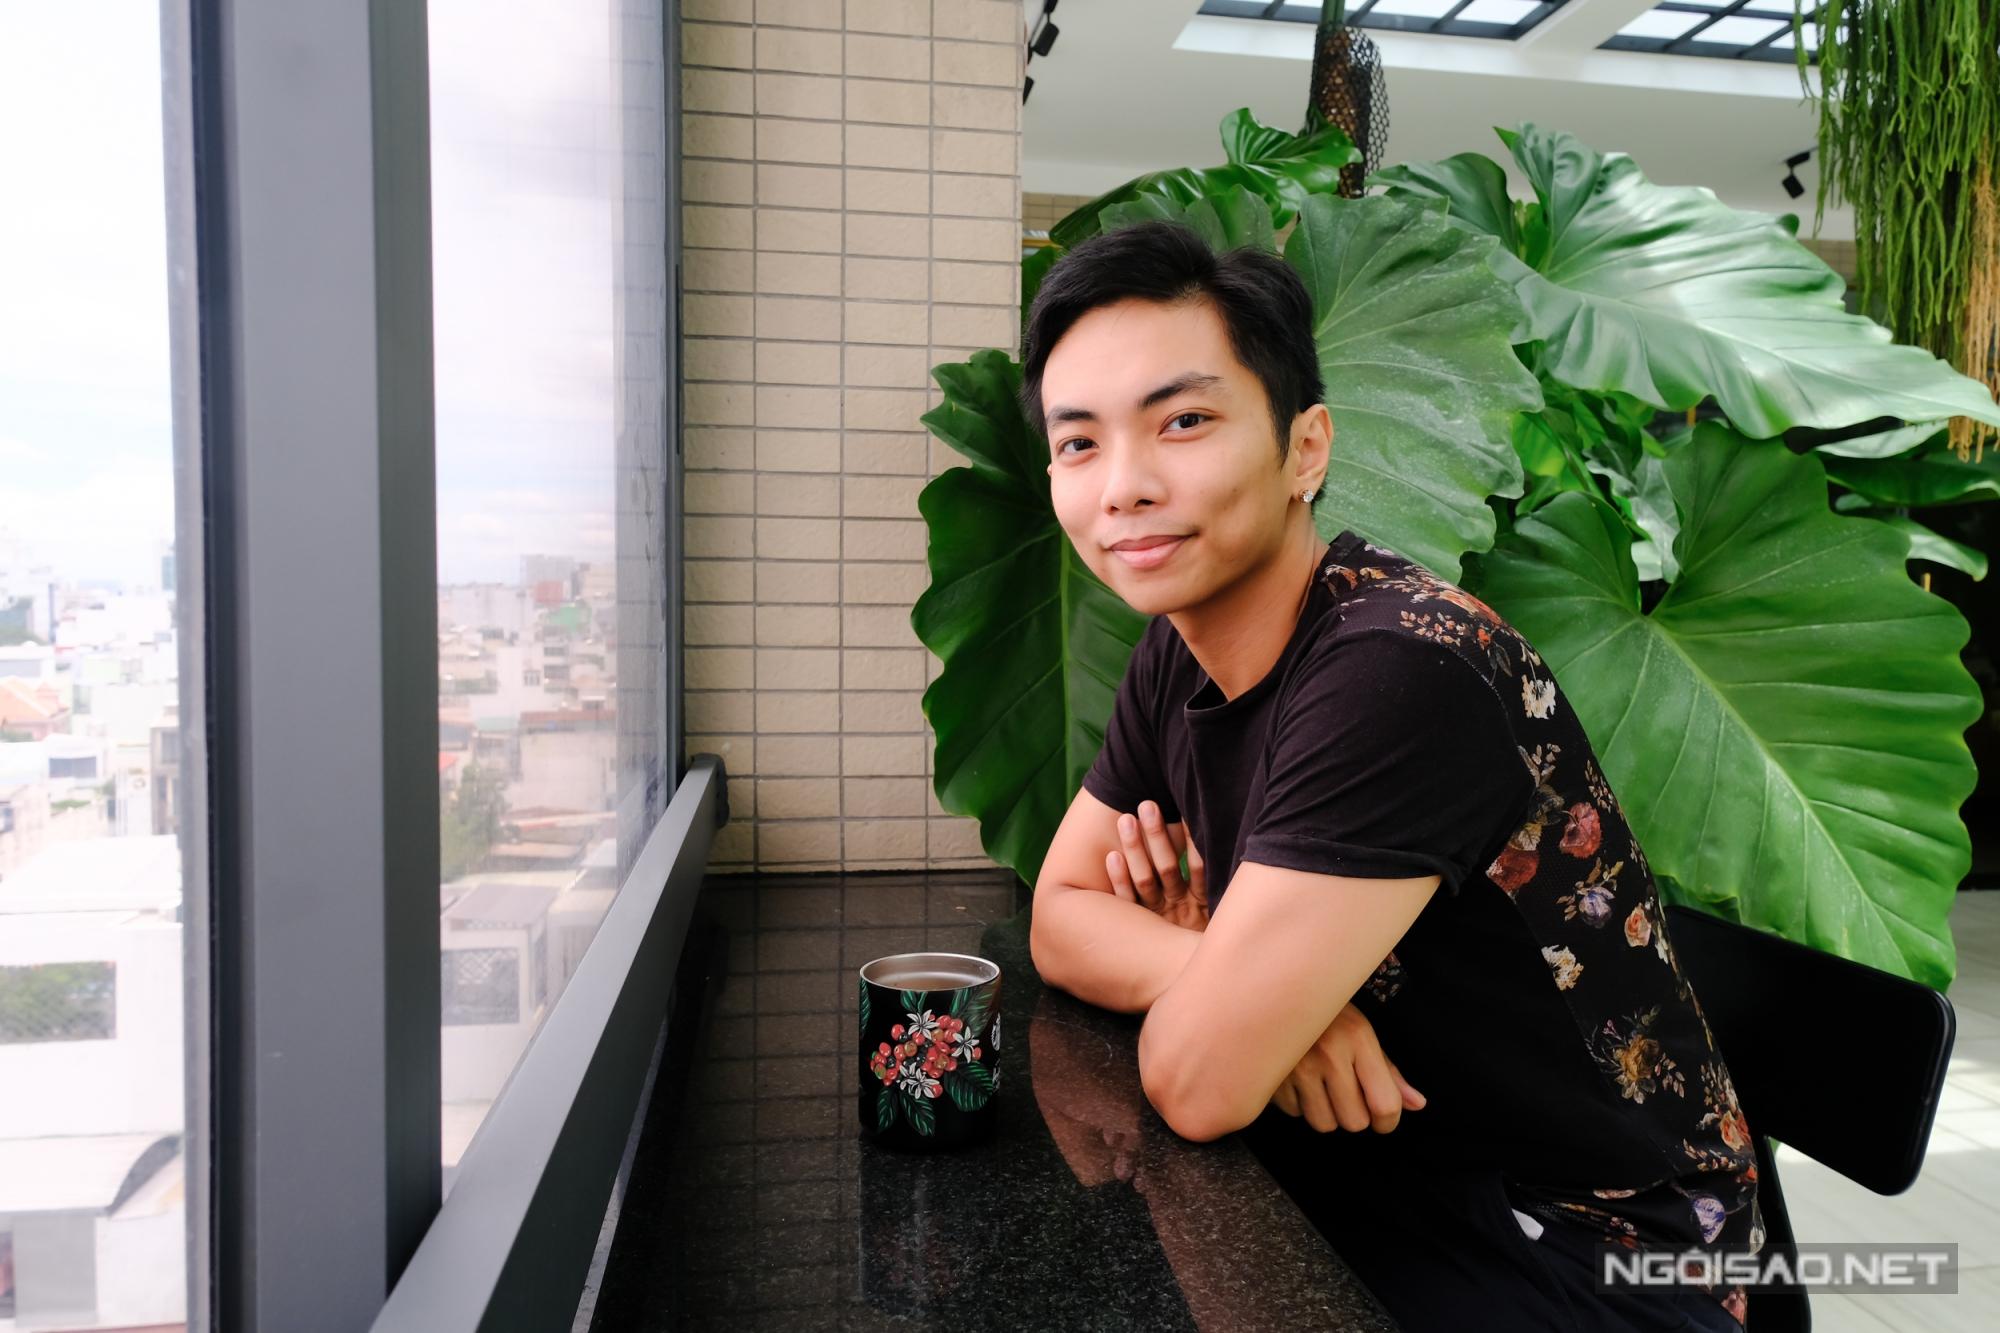 Cuối ngày, Phan Hiển yêu thích ngồi uống cafe và ngắm nhìn thành phố.